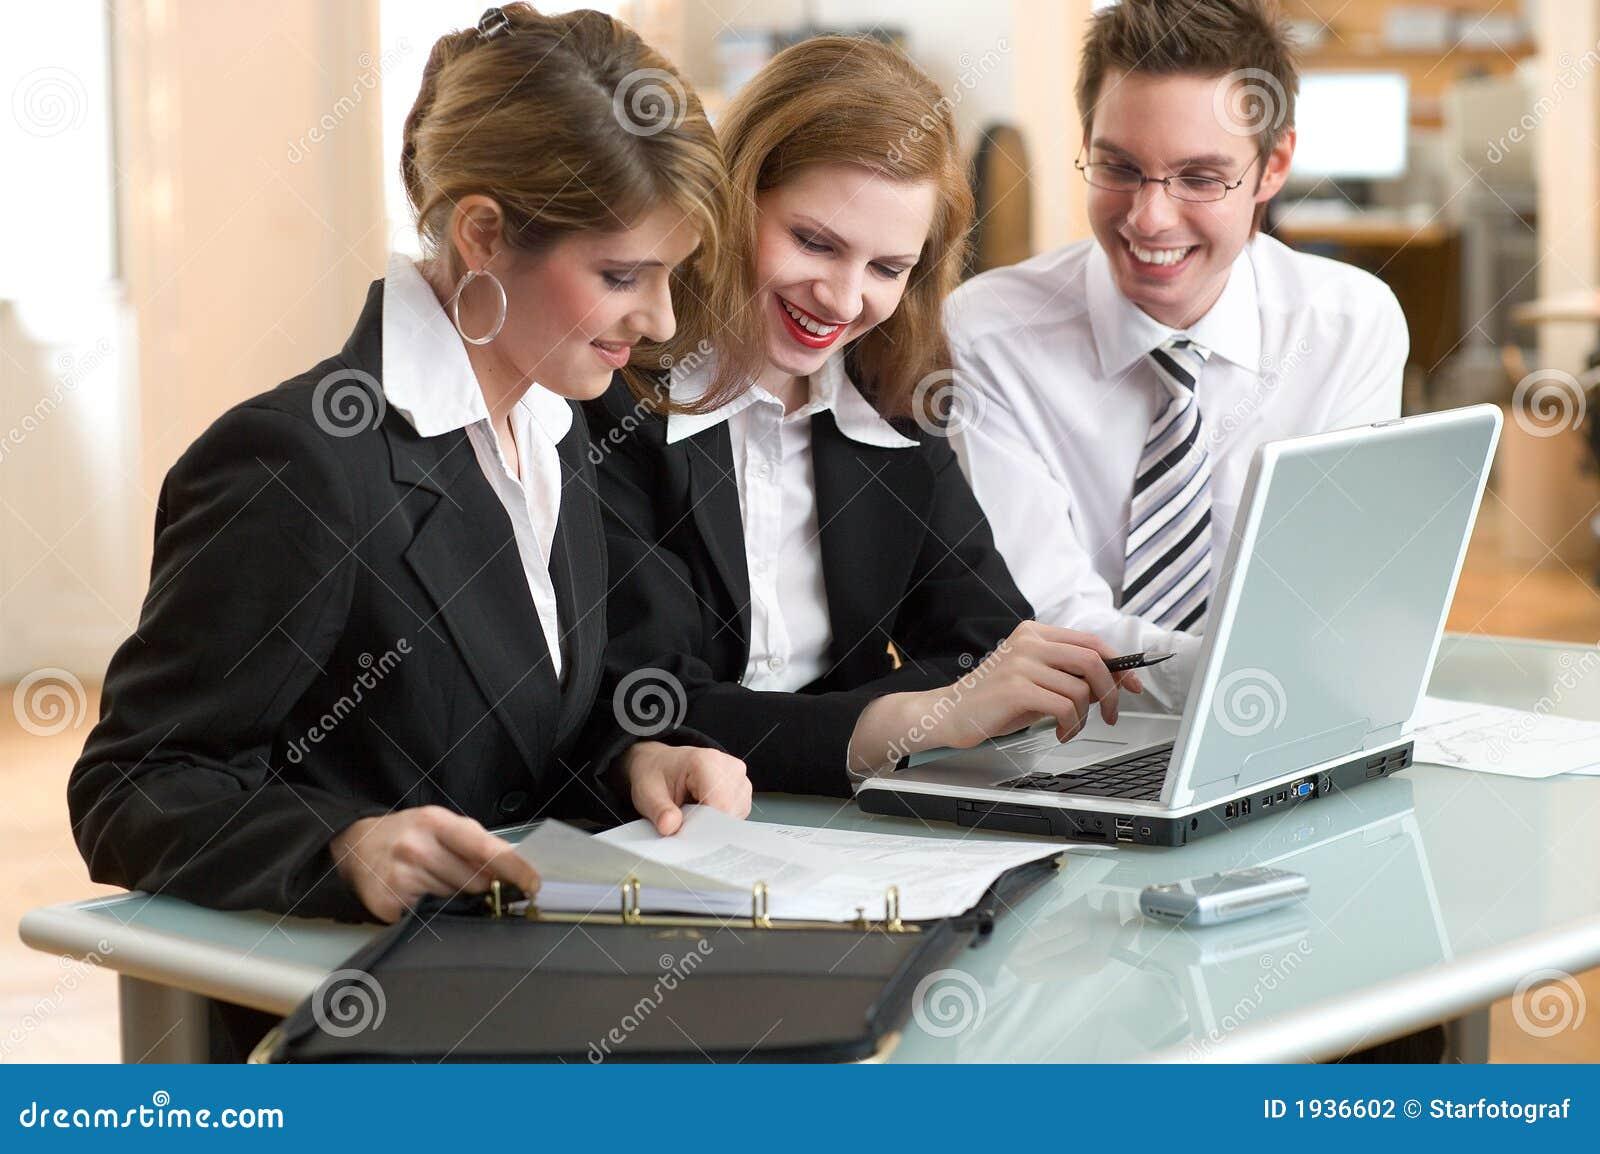 Businessteam en el trabajo en oficina